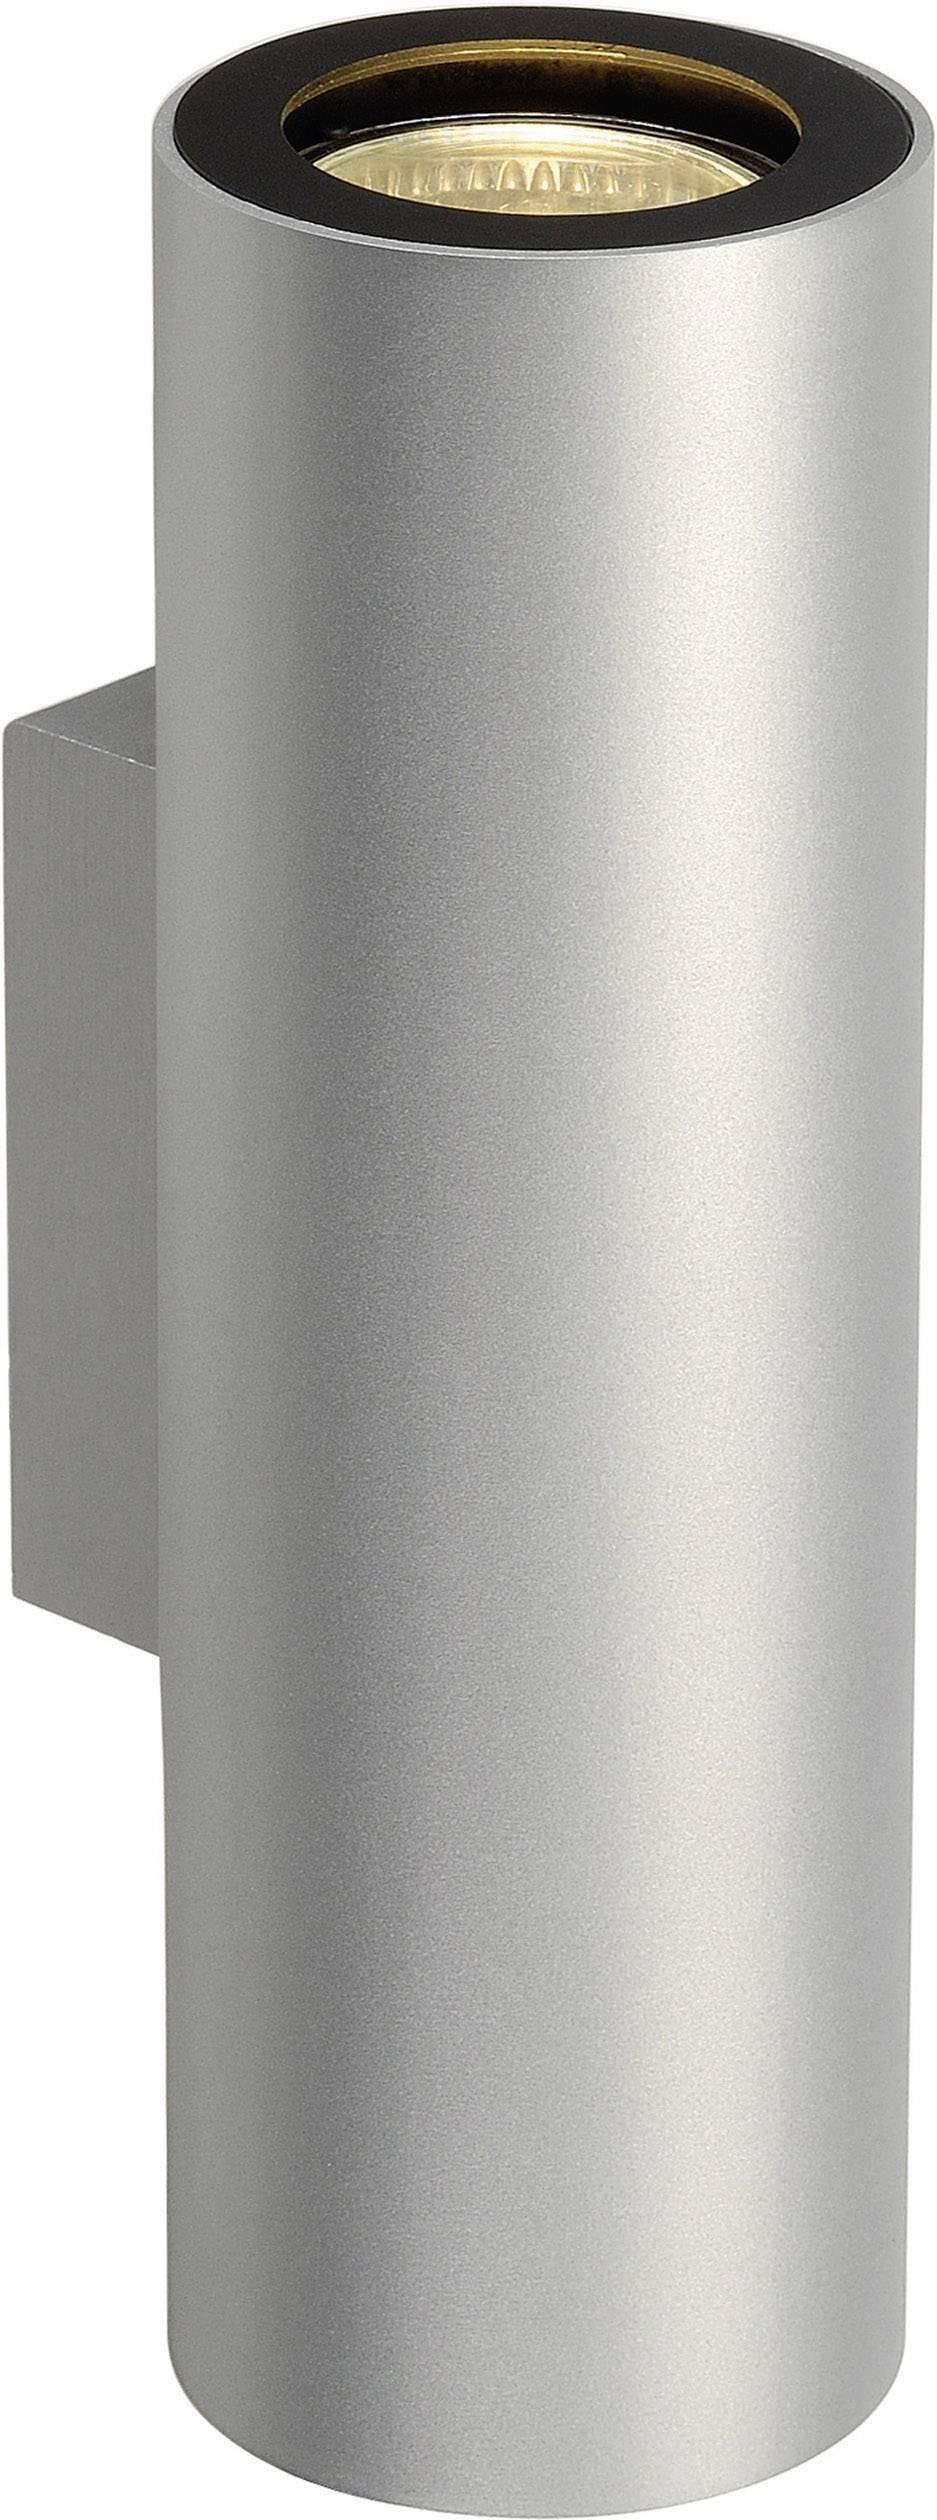 Nástěnné světlo GU10 100 W LED, halogenová žárovka SLV Enola_B 151804 stříbrnošedá, černá